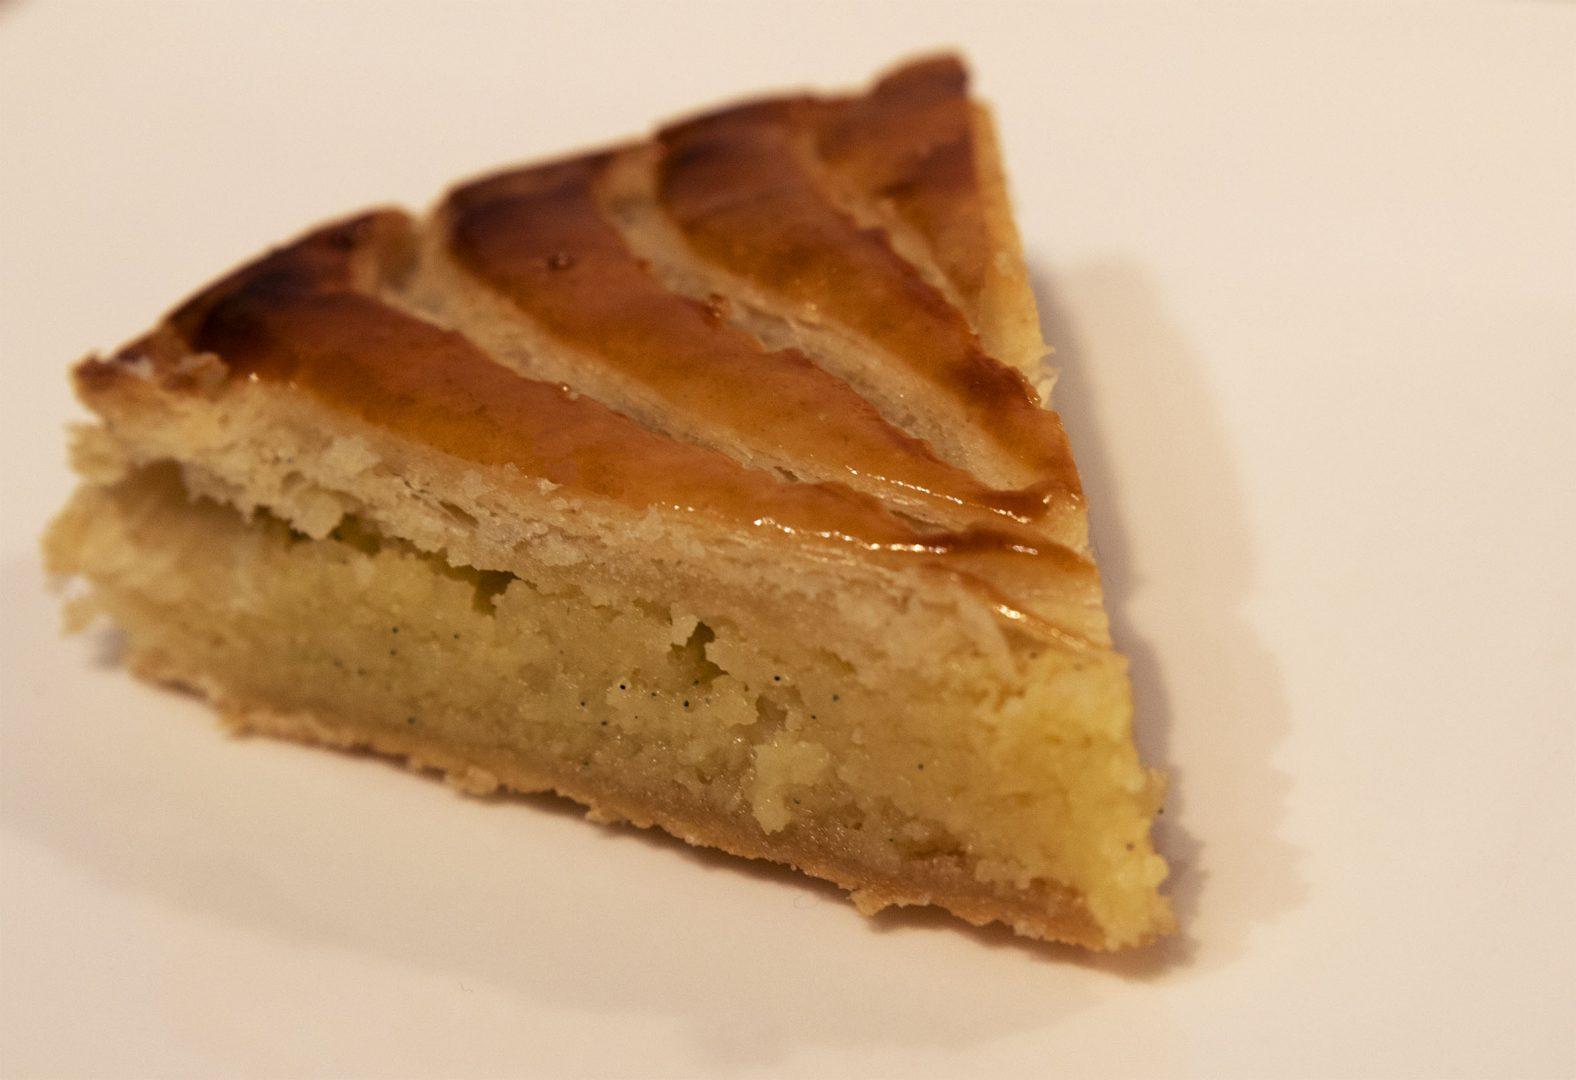 galette des rois ultime frangipane vanille fondante moelleuse trop bonne